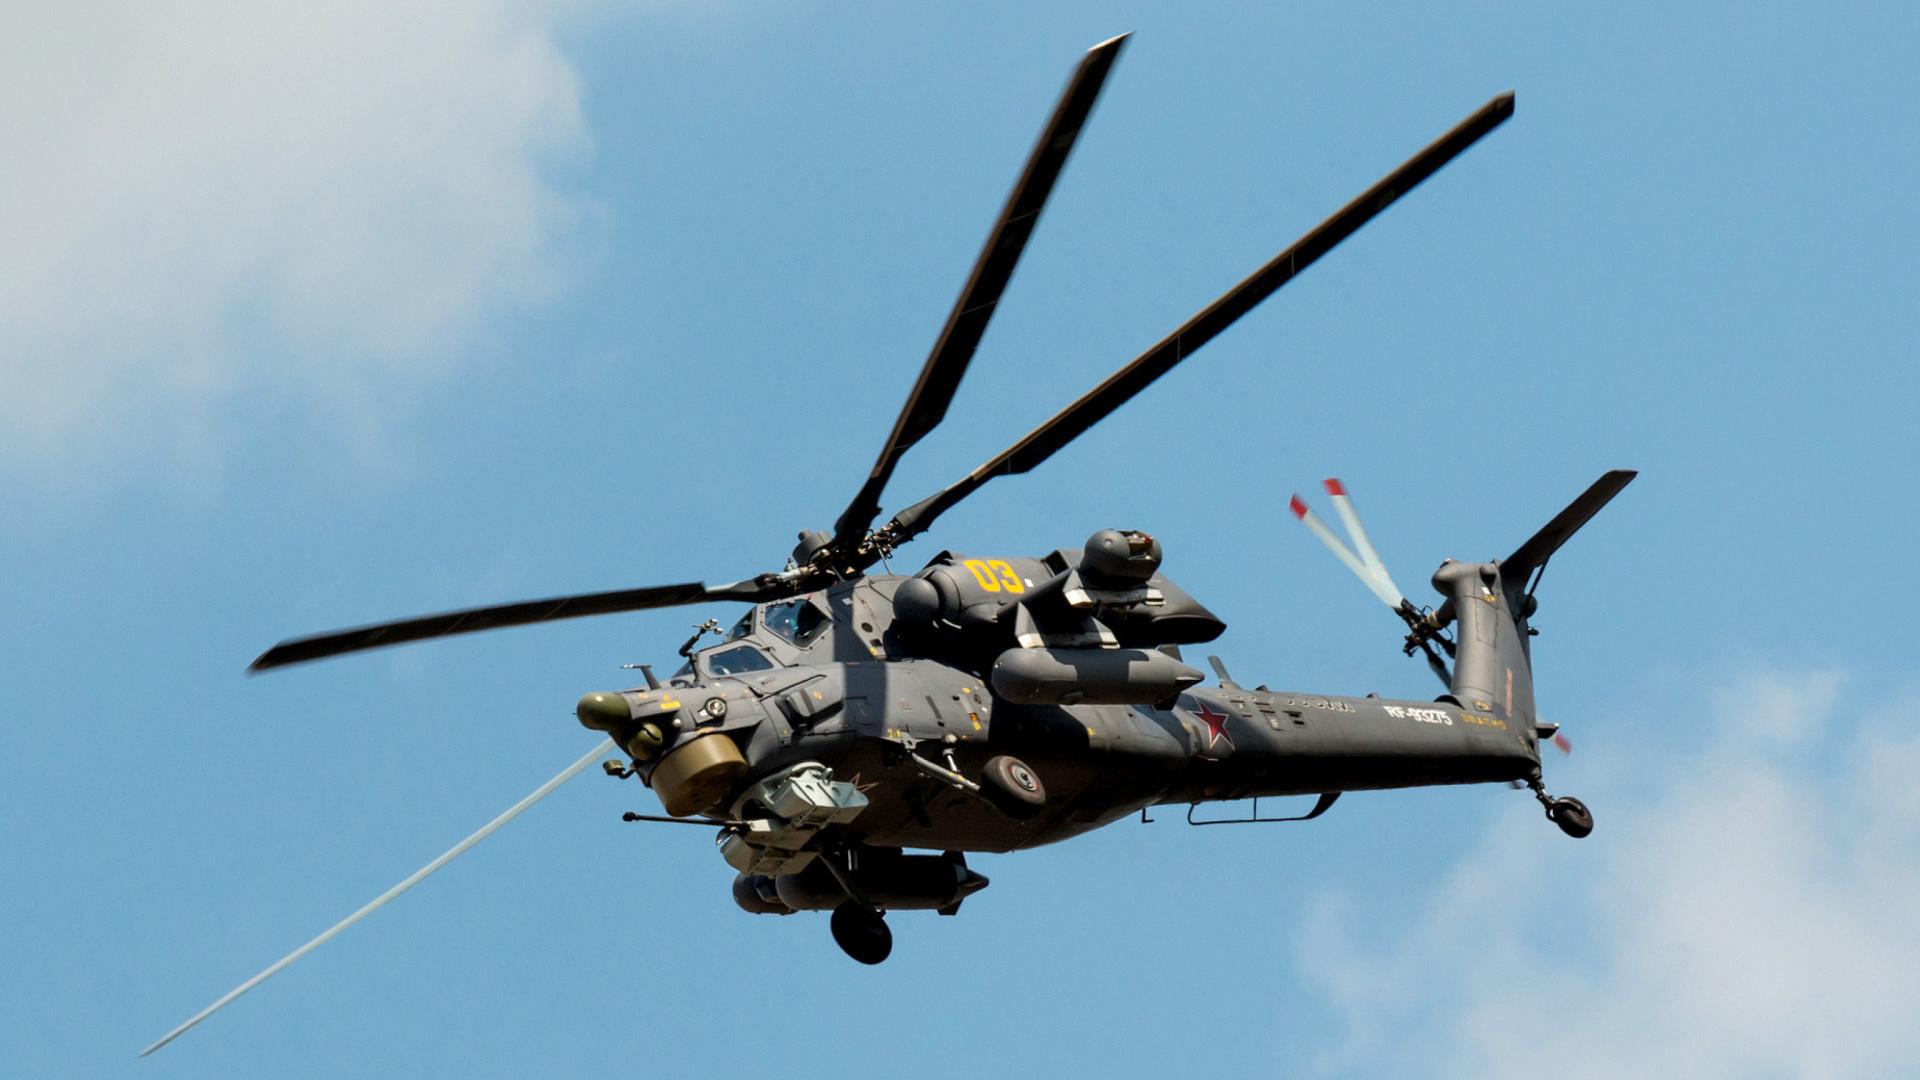 Helicoptero Hd Fondos De Escritorio: Mil Mi-28 Havoc Helicopter